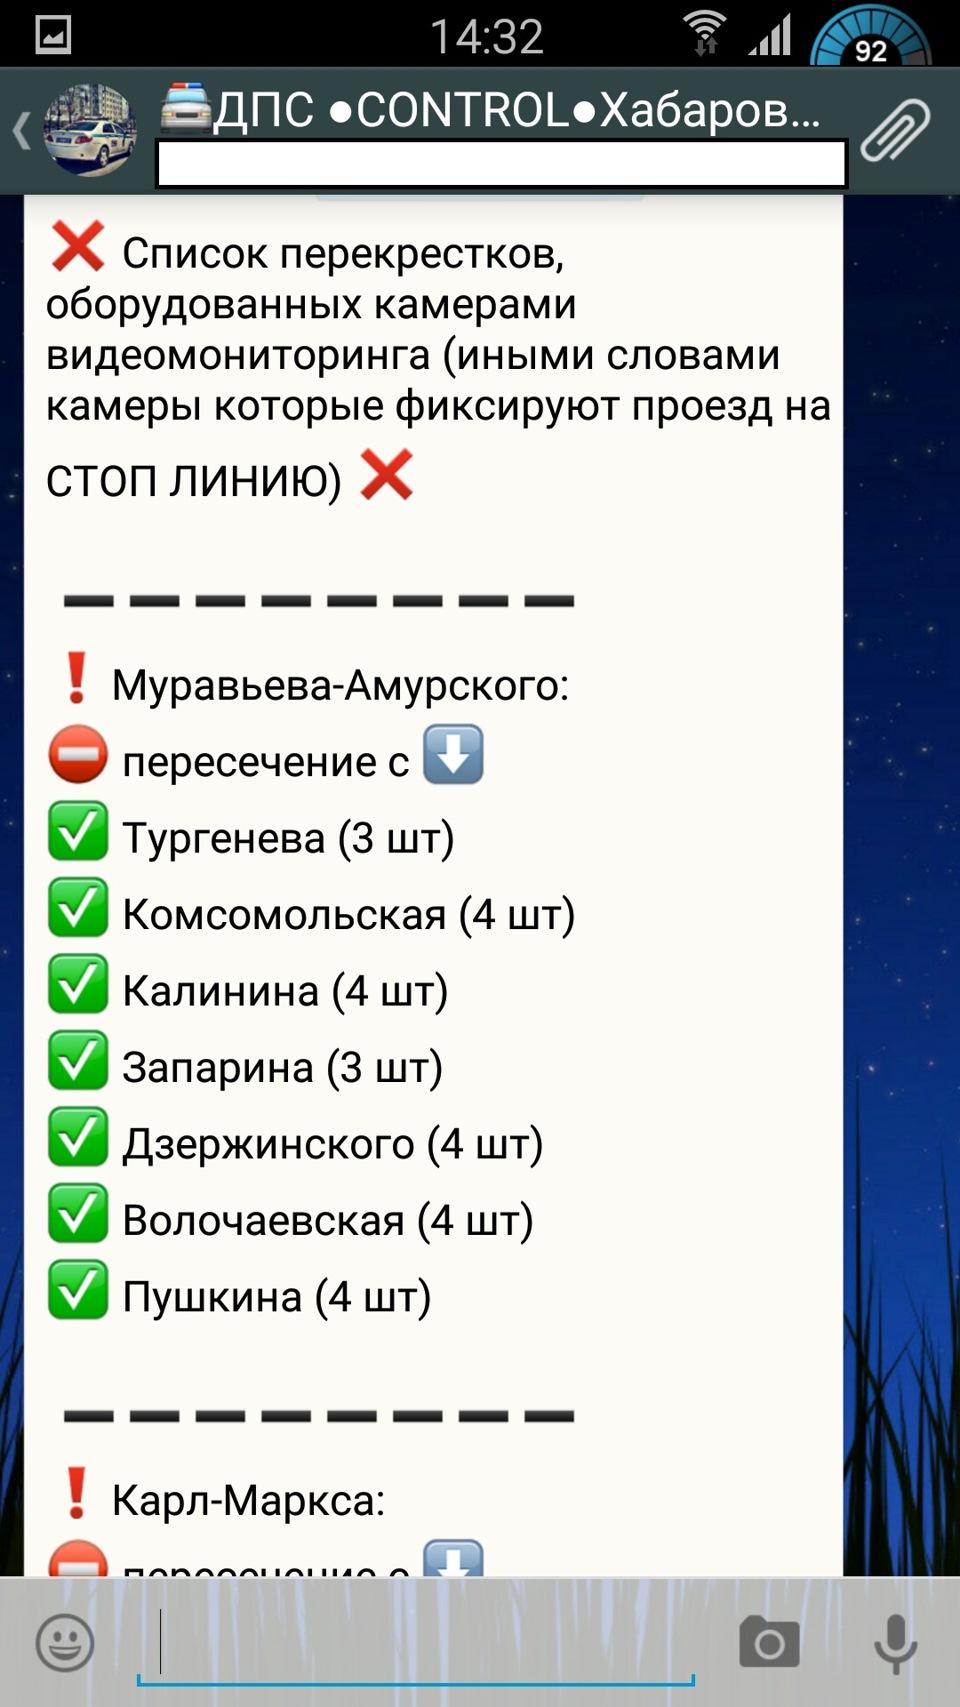 Дпс контроль владивосток скачать приложение